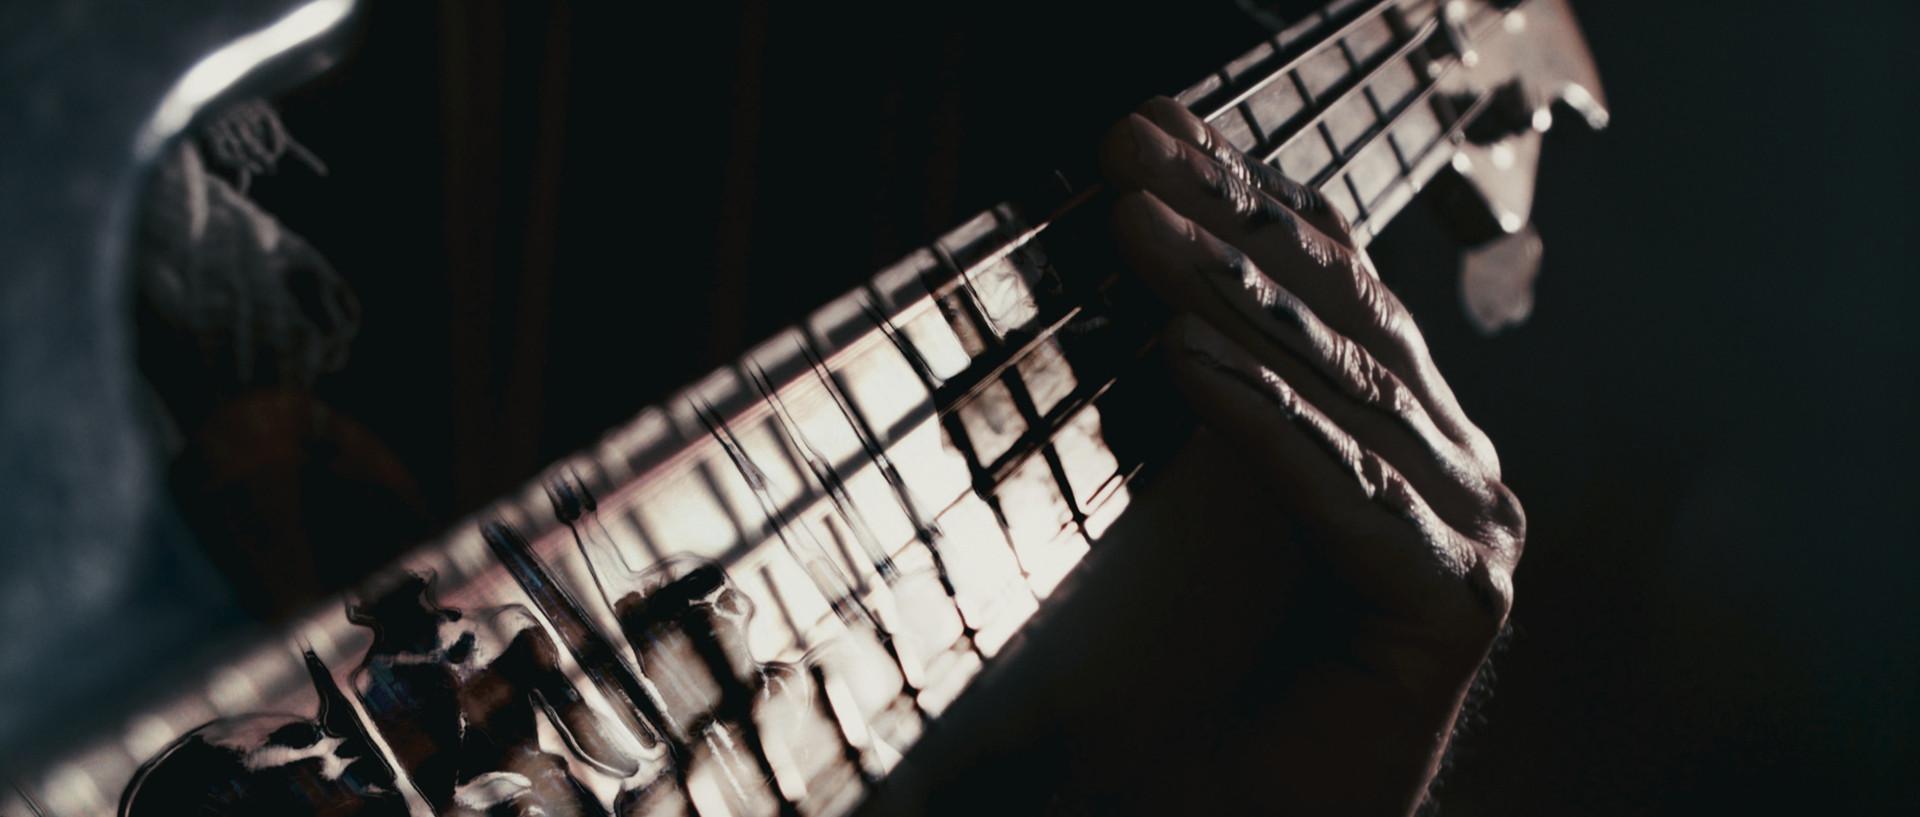 DirenAgbaba_musicvideo_Urukhigh_2